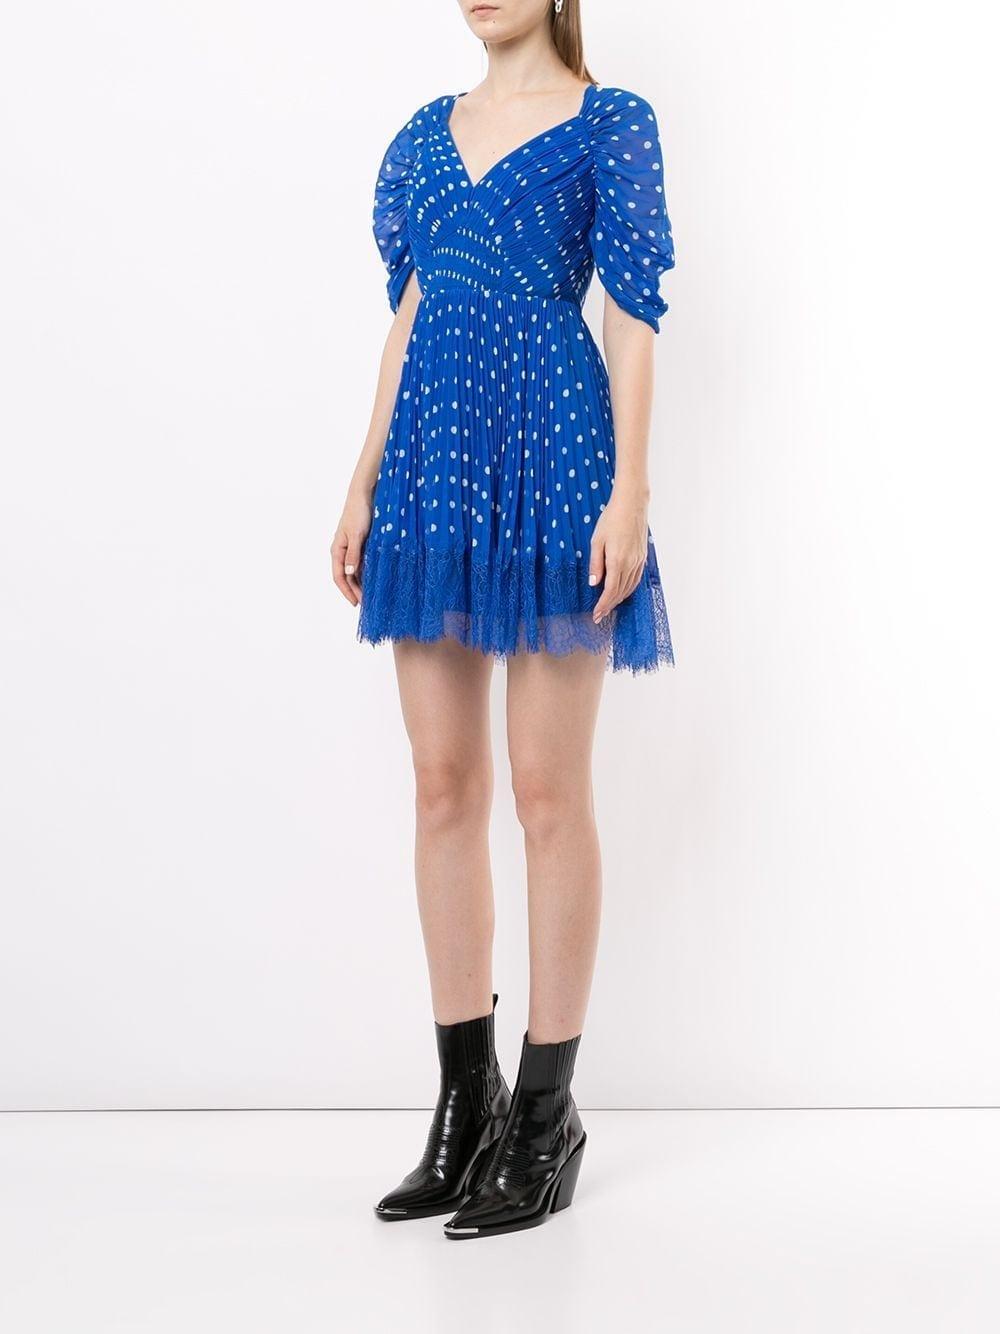 SELF-PORTRAIT Polka-dot Pleated Mini-Dress